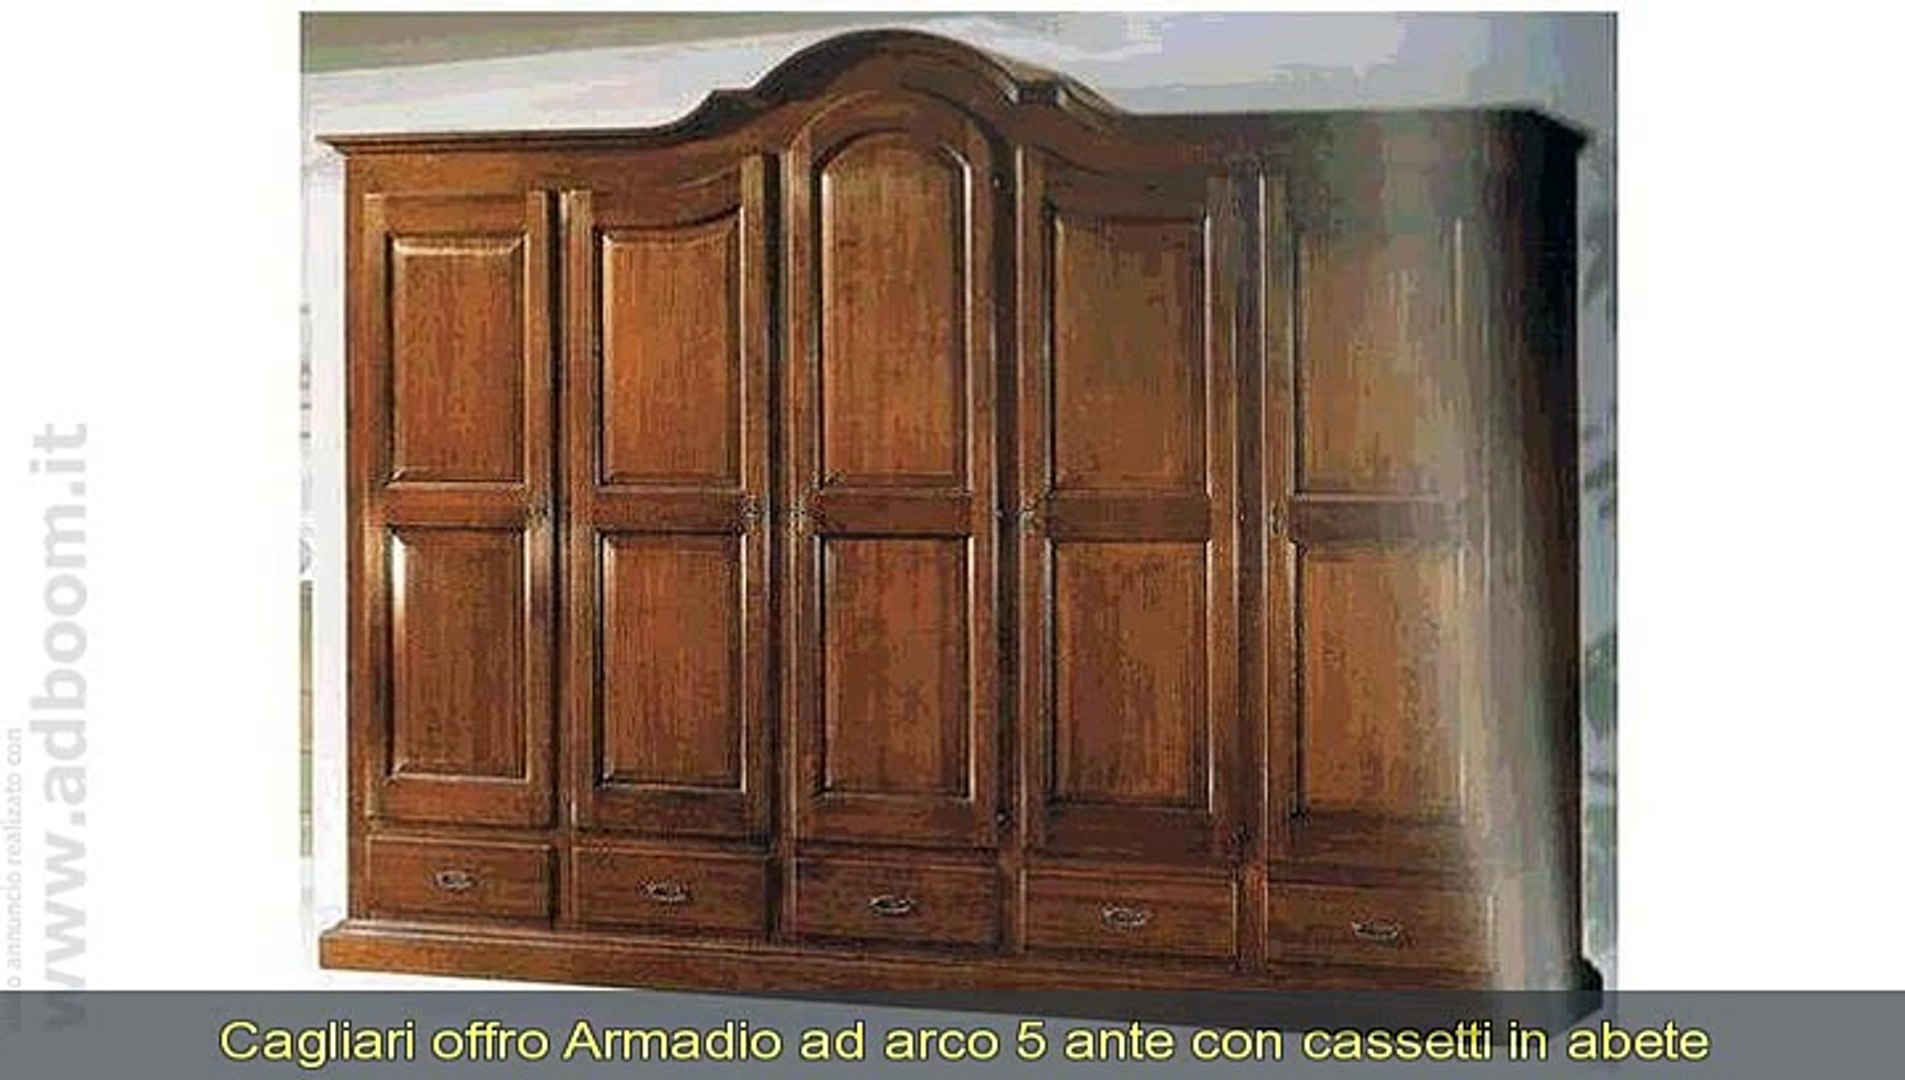 Armadio Classico 5 Ante.Cagliari Armadio Ad Arco 5 Ante Con Cassetti In Abete Massello